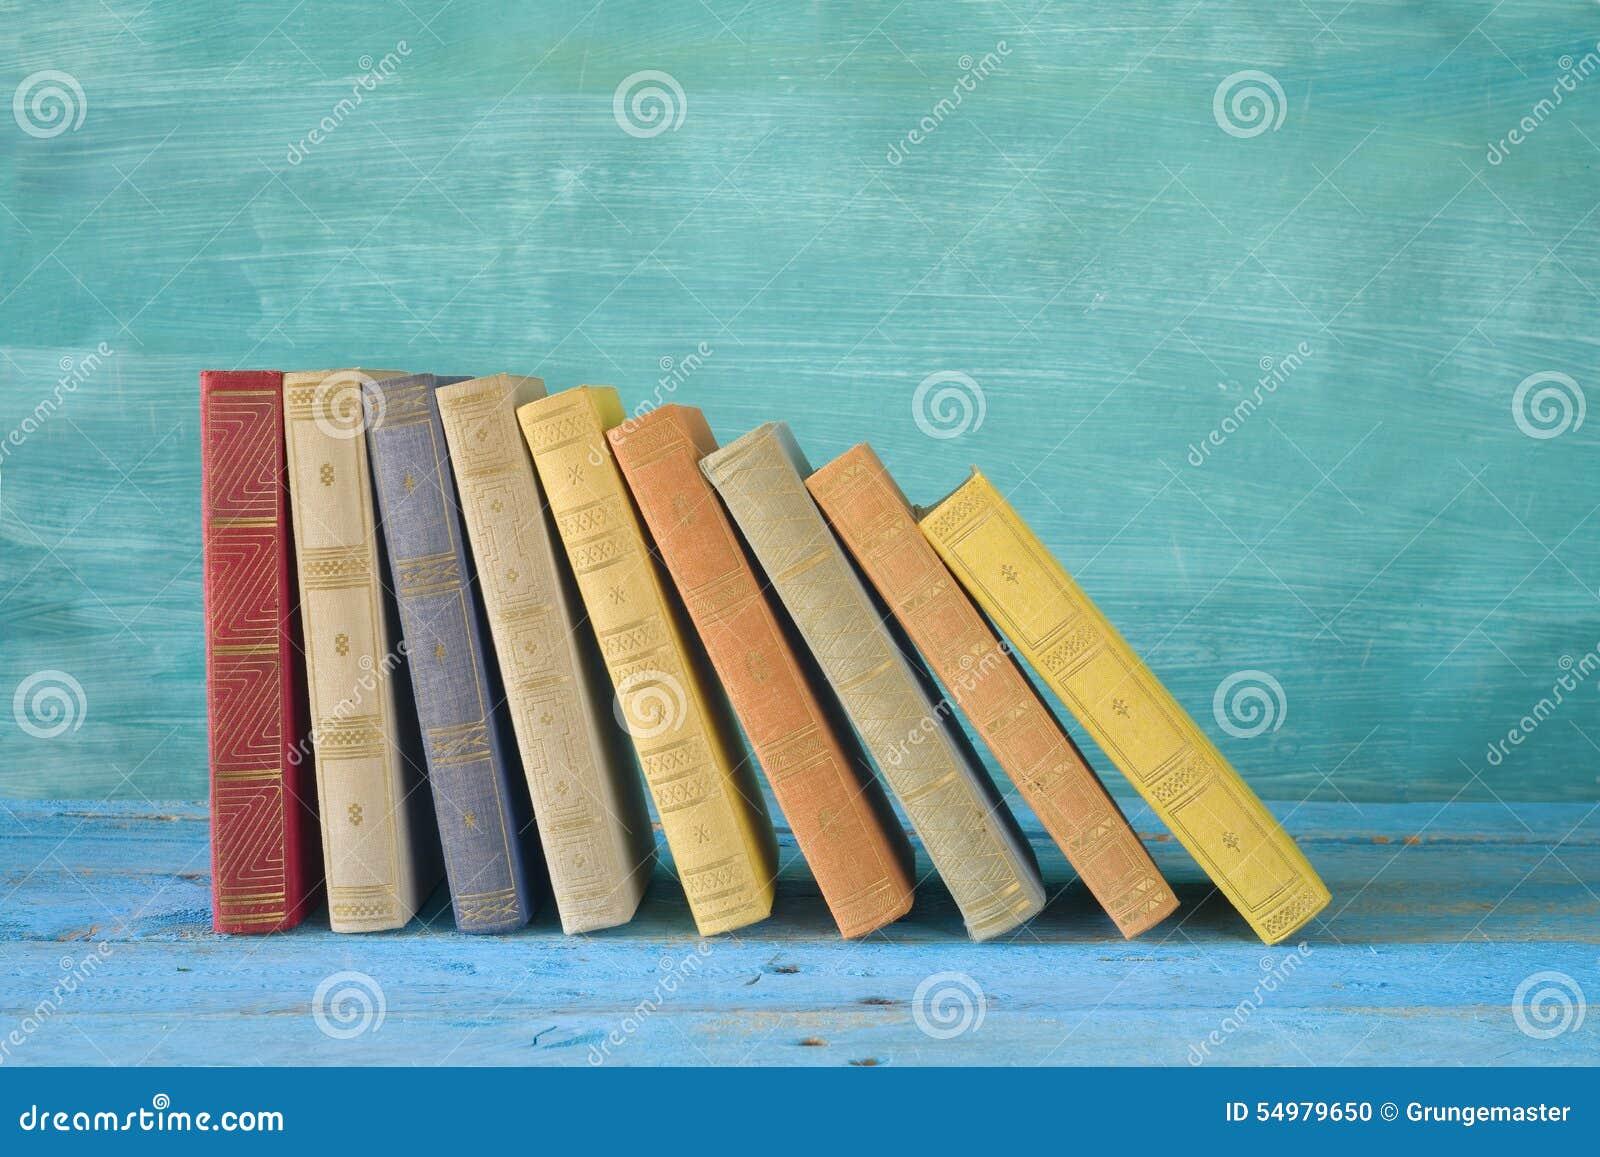 Rad av böcker